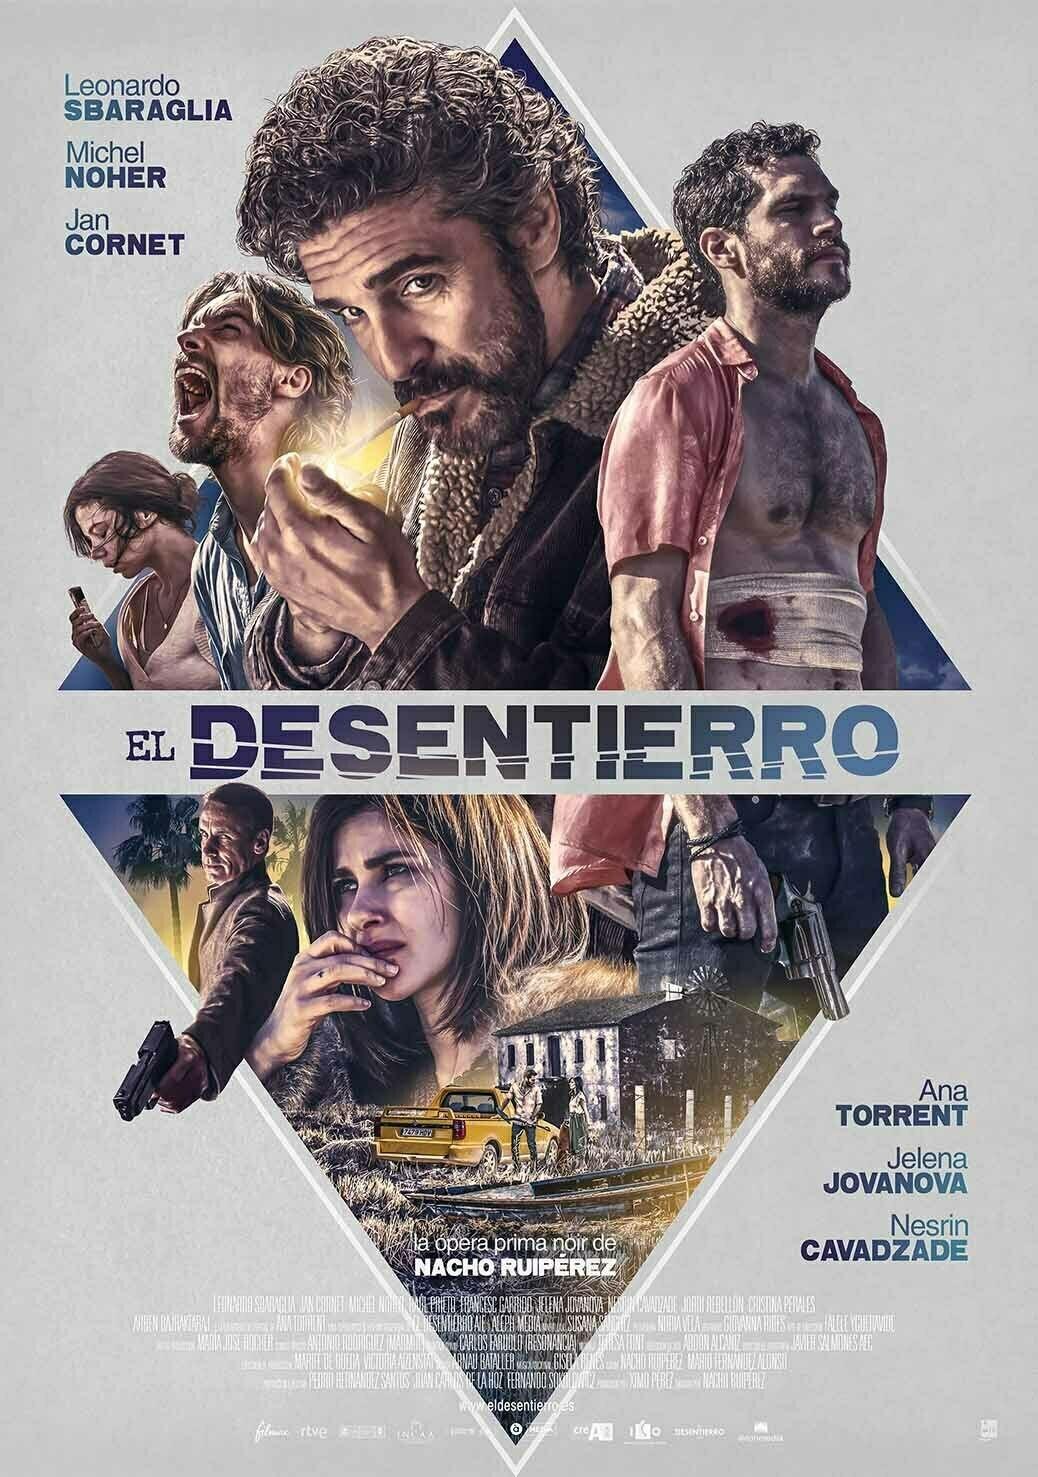 Filmax estrena El Desentierro, de Nacho Ruipérez